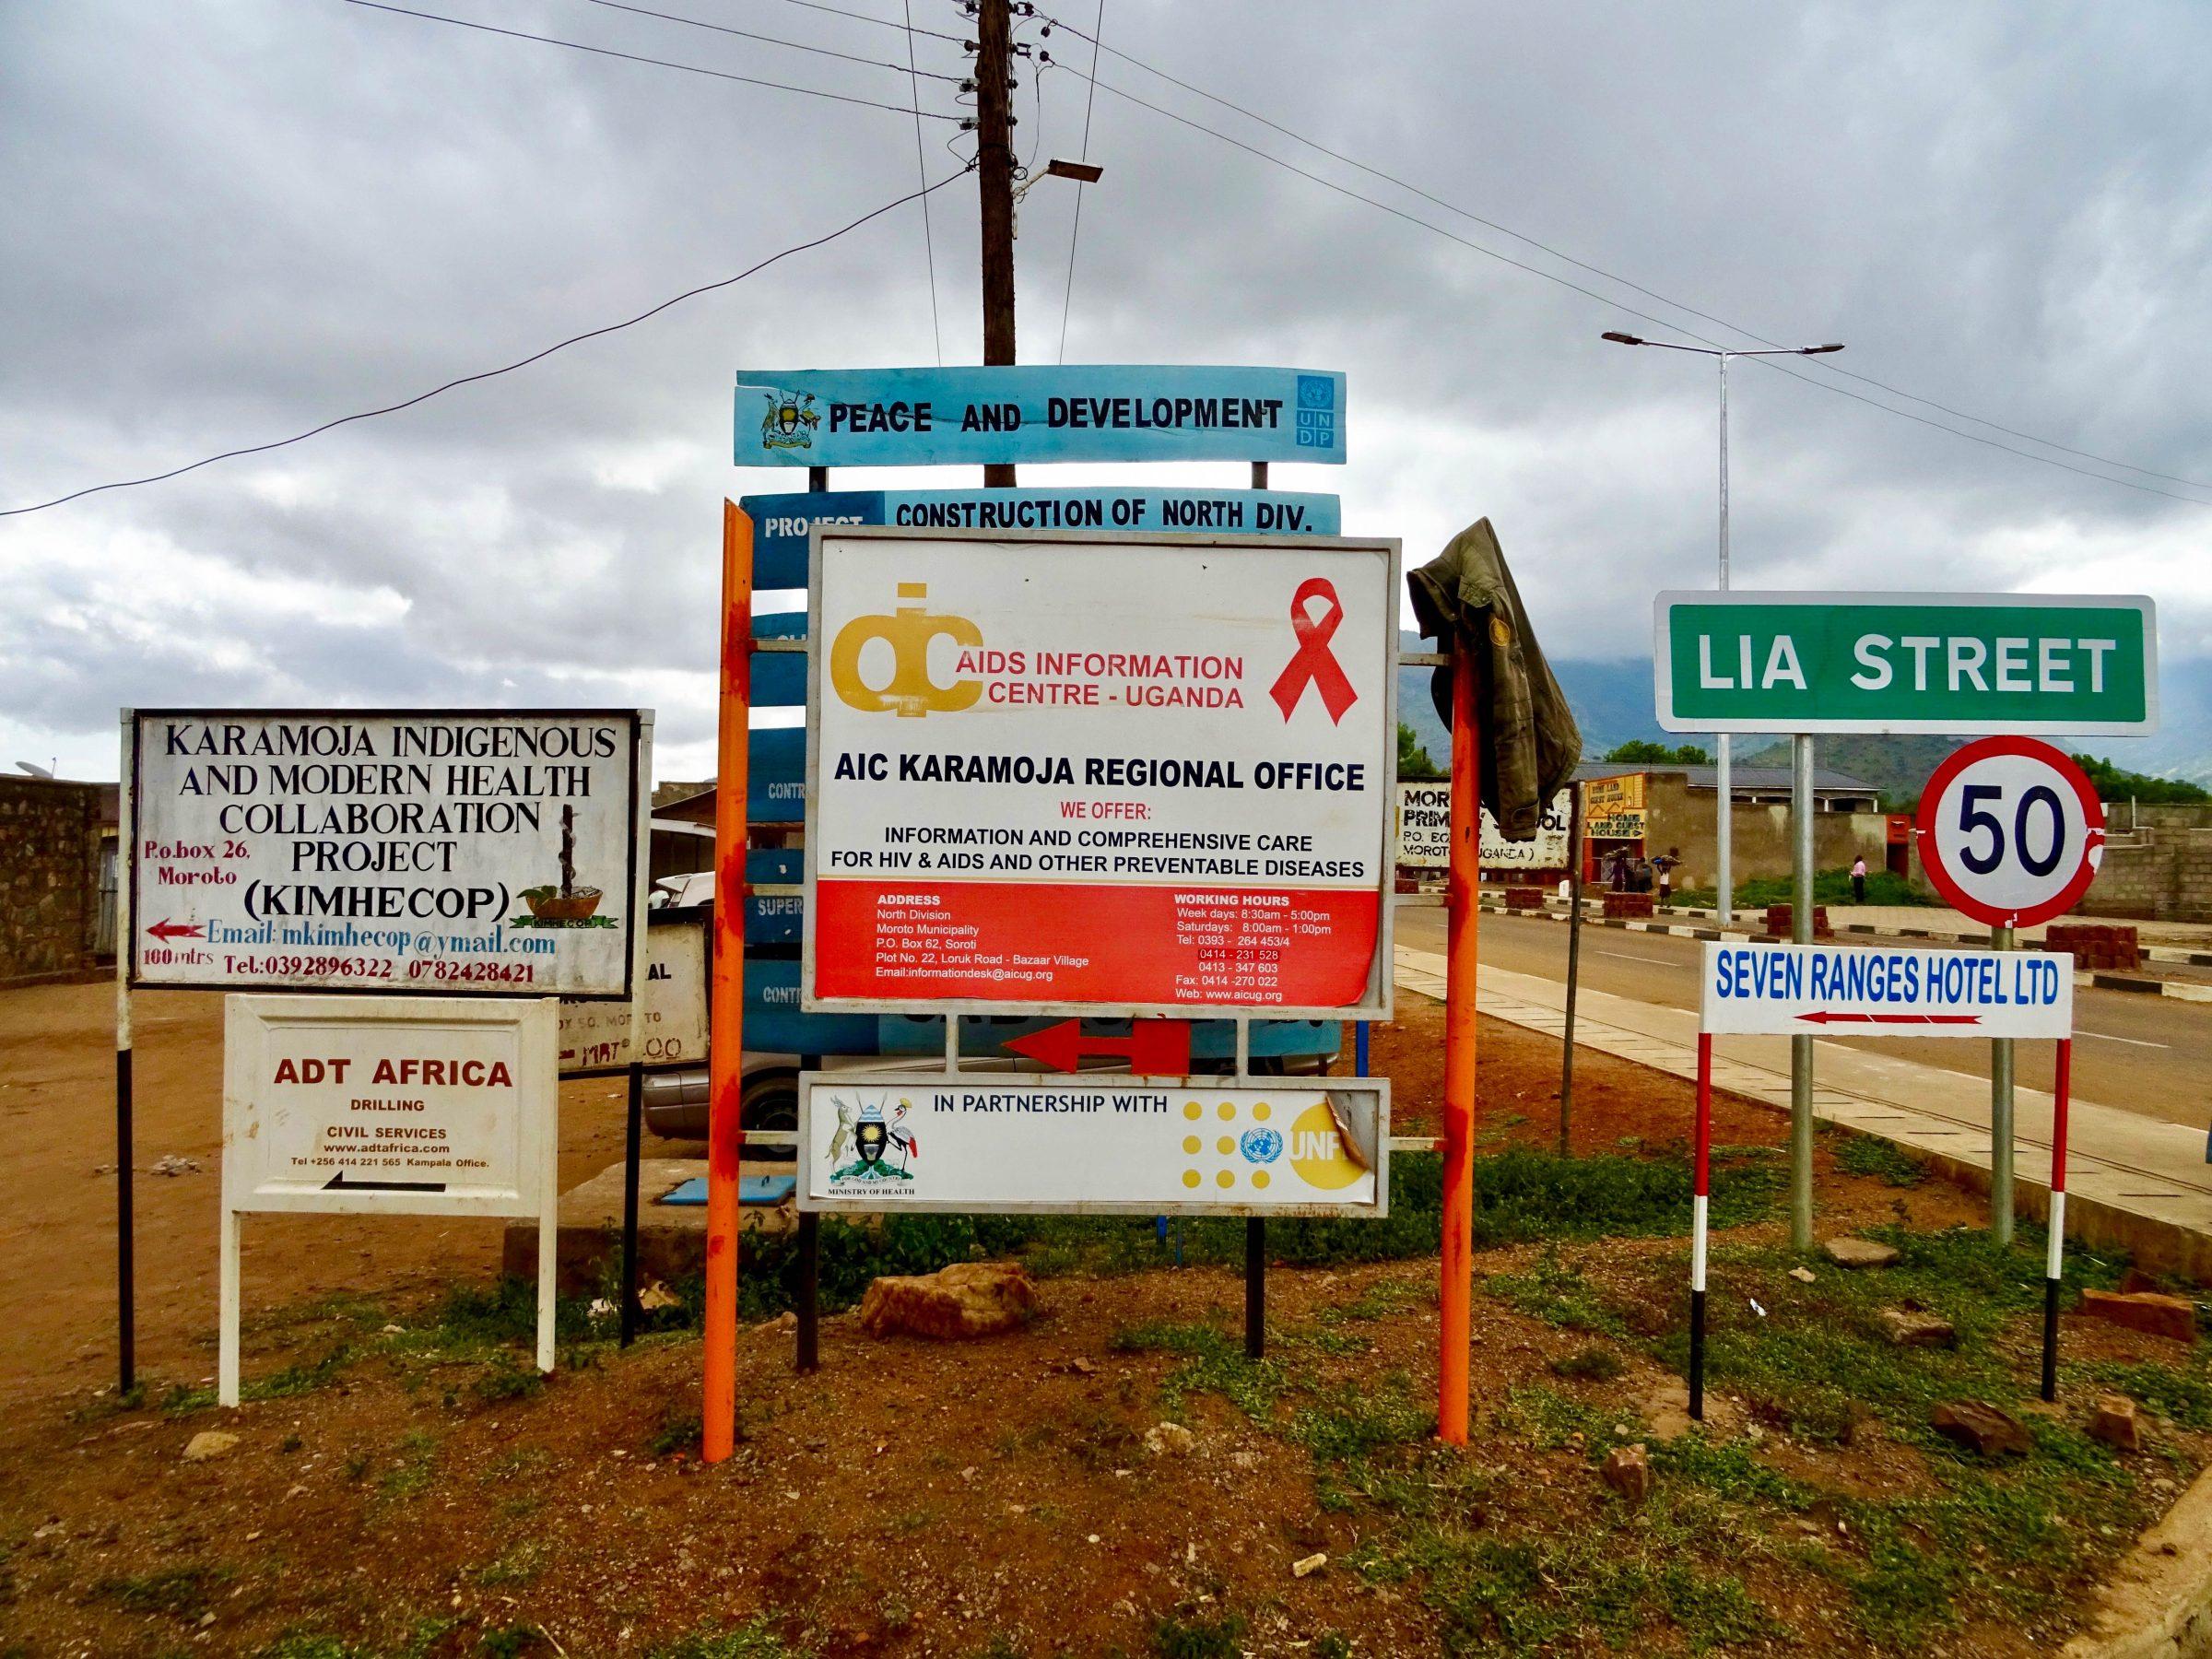 Hulp en ontwikkeling op billboards in Moroto